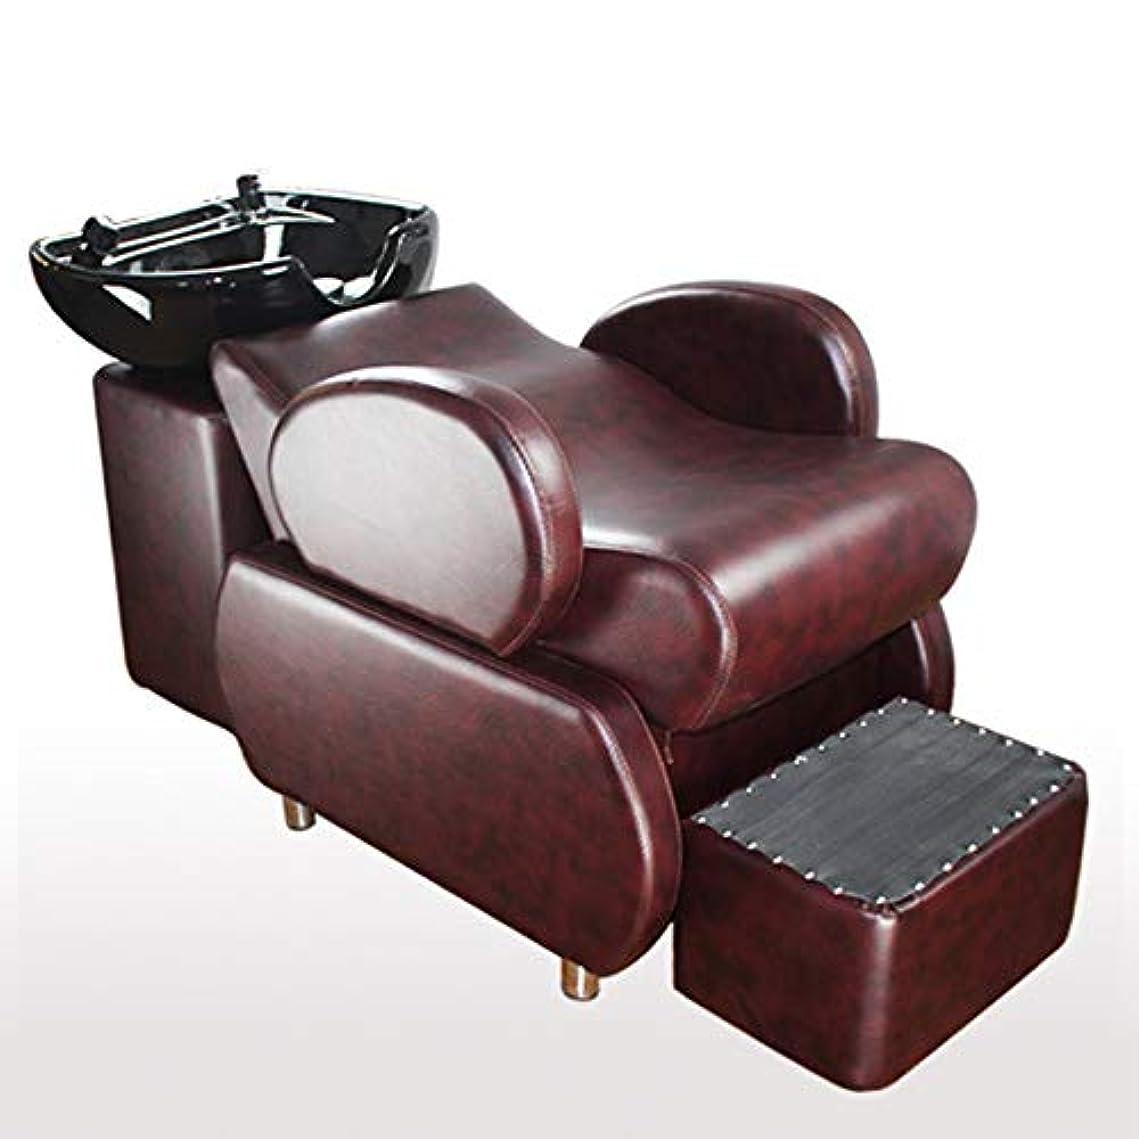 予防接種するアプライアンス外出シャンプー椅子、逆洗ユニットシャンプーボウル理髪シンク椅子半横たわっているシャンプーベッドスパ美容院機器